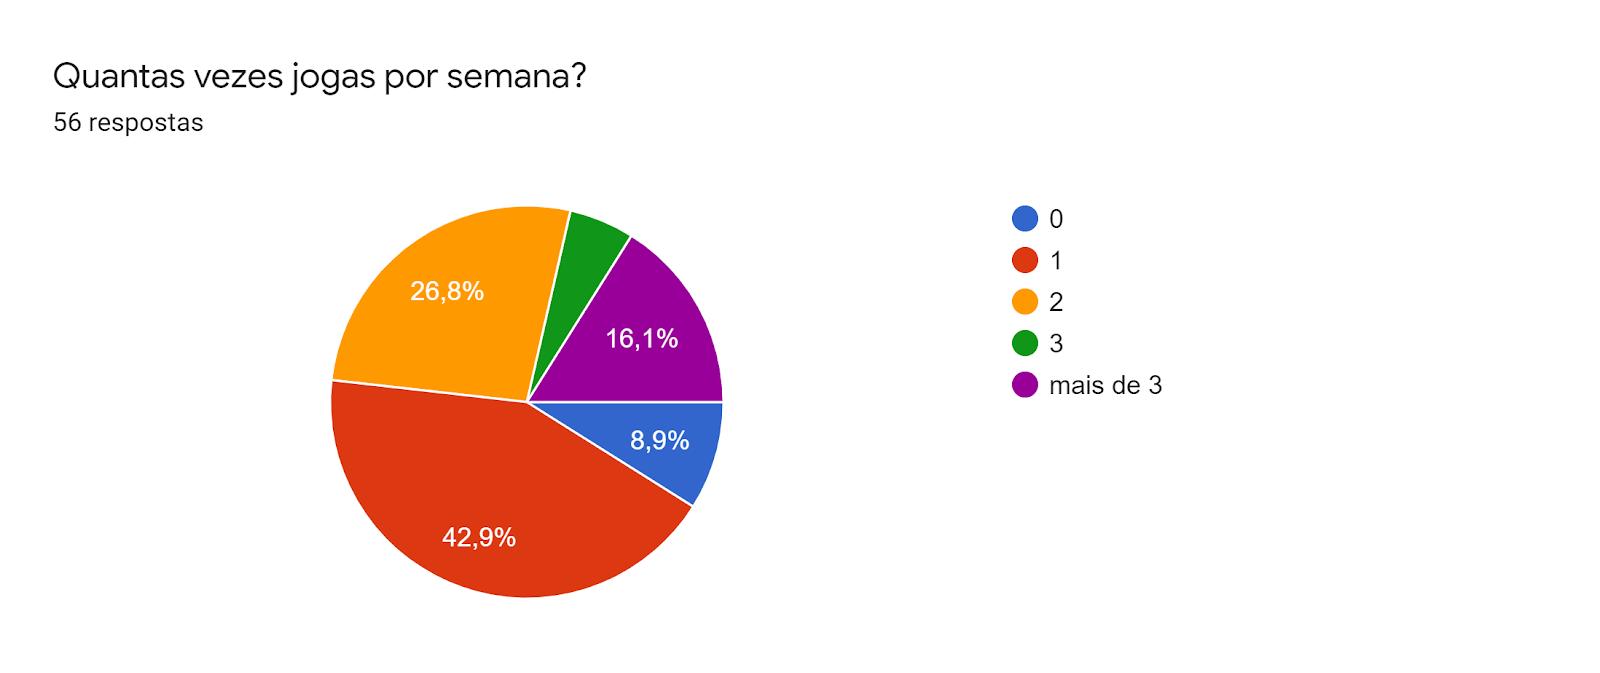 Gráfico de respostas do Formulários. Título da pergunta: Quantas vezes jogas por semana?. Número de respostas: 56 respostas.